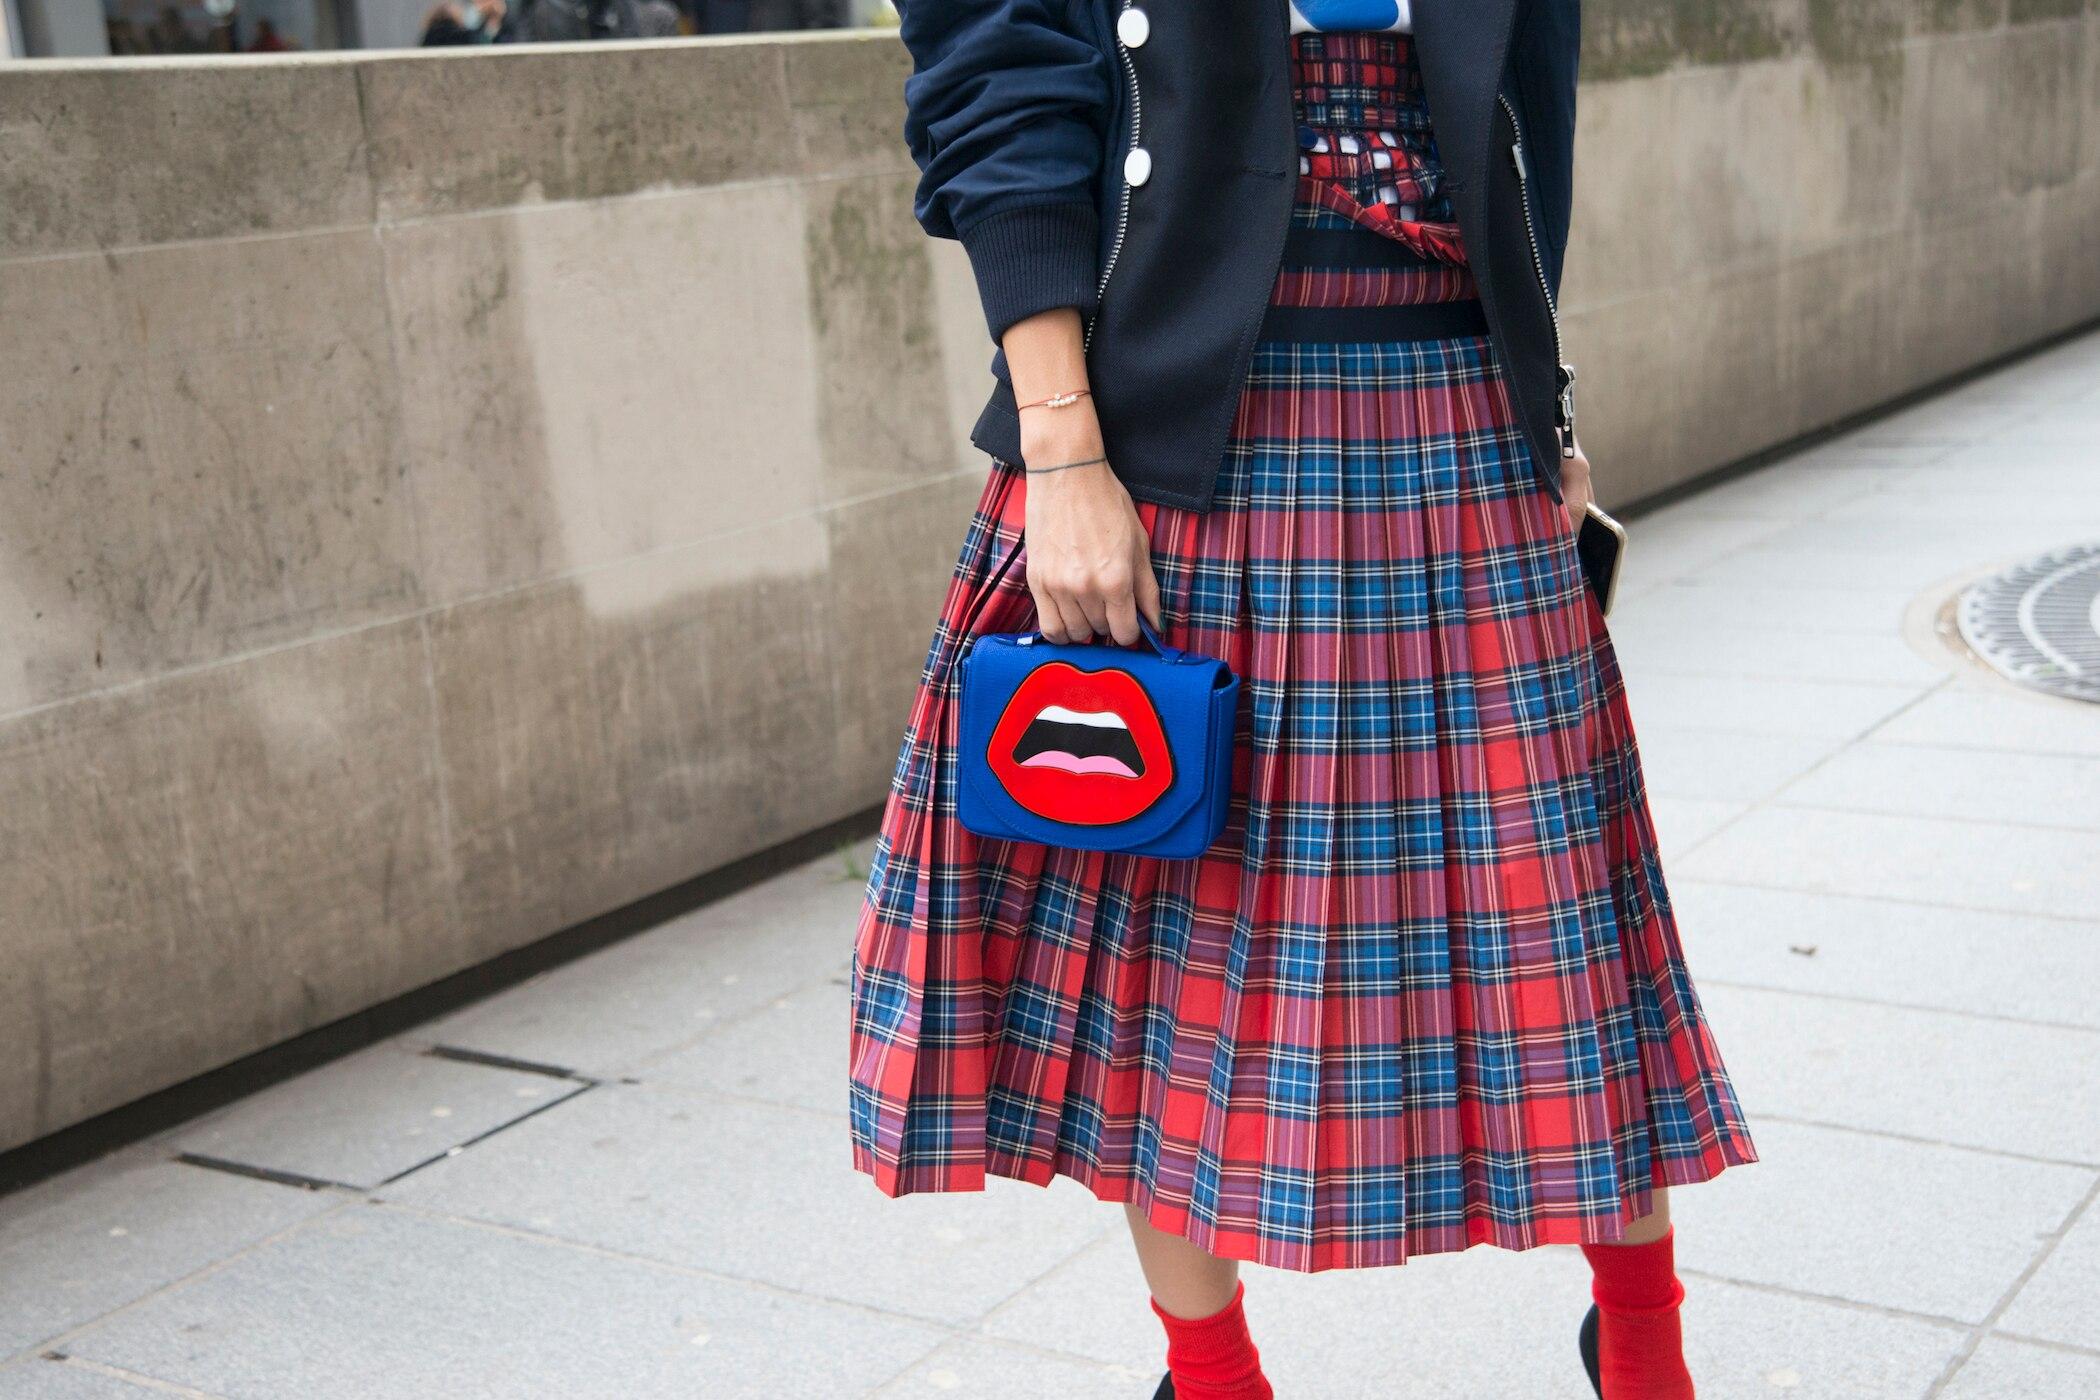 67c186549c444 Muster-Röcke richtig kombinieren – so einfach geht's! | STYLEBOOK